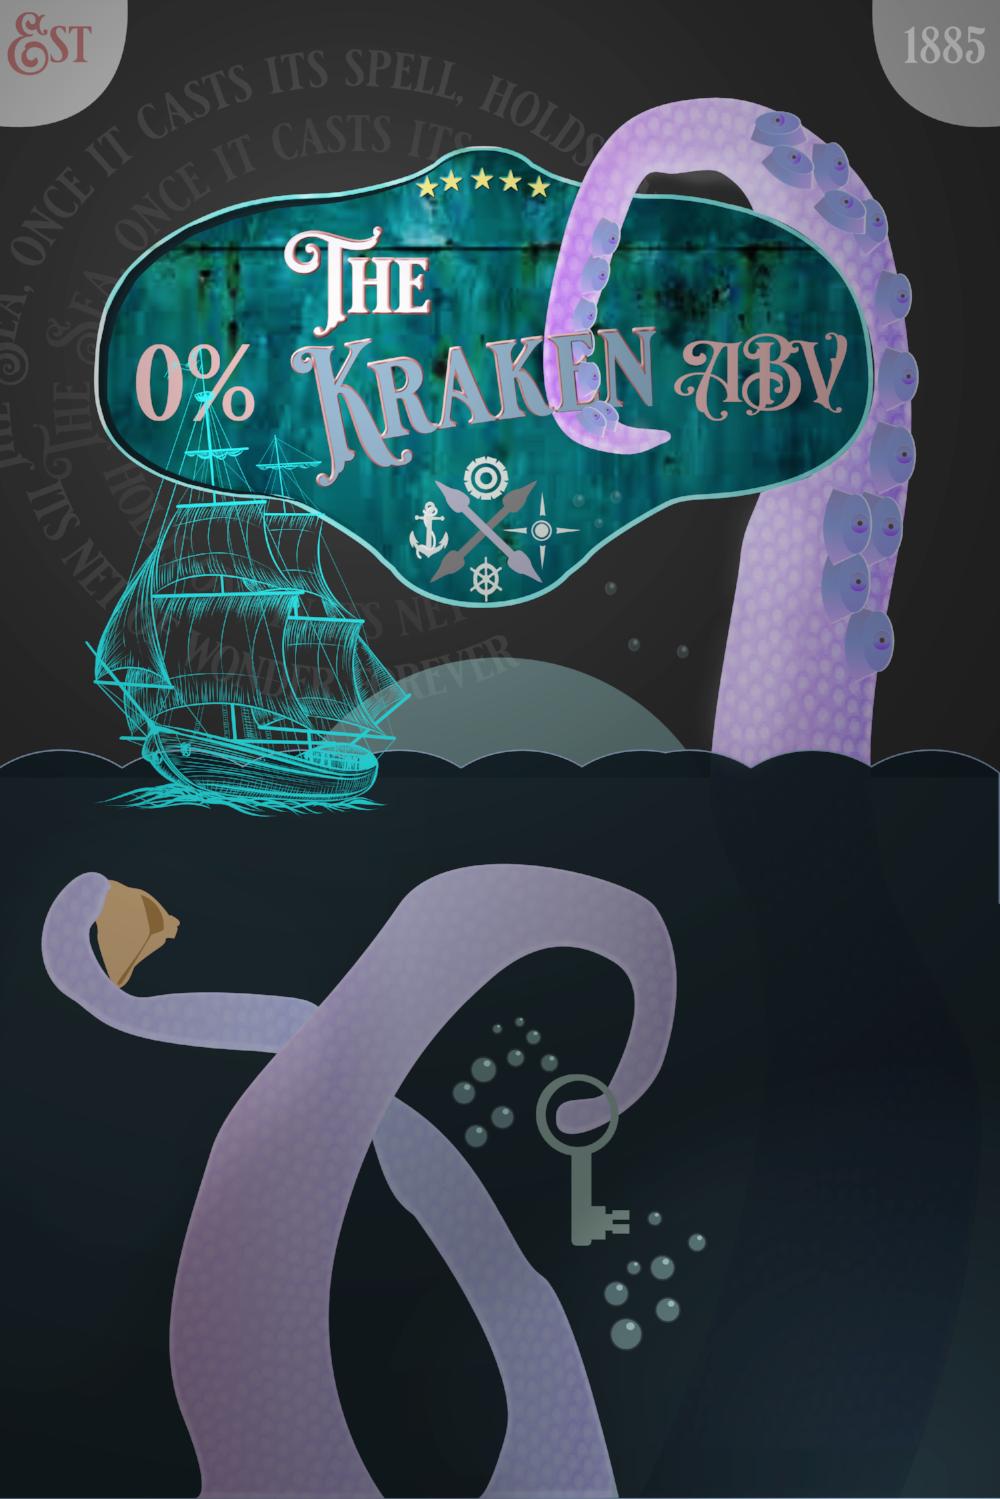 Kraken copy.png